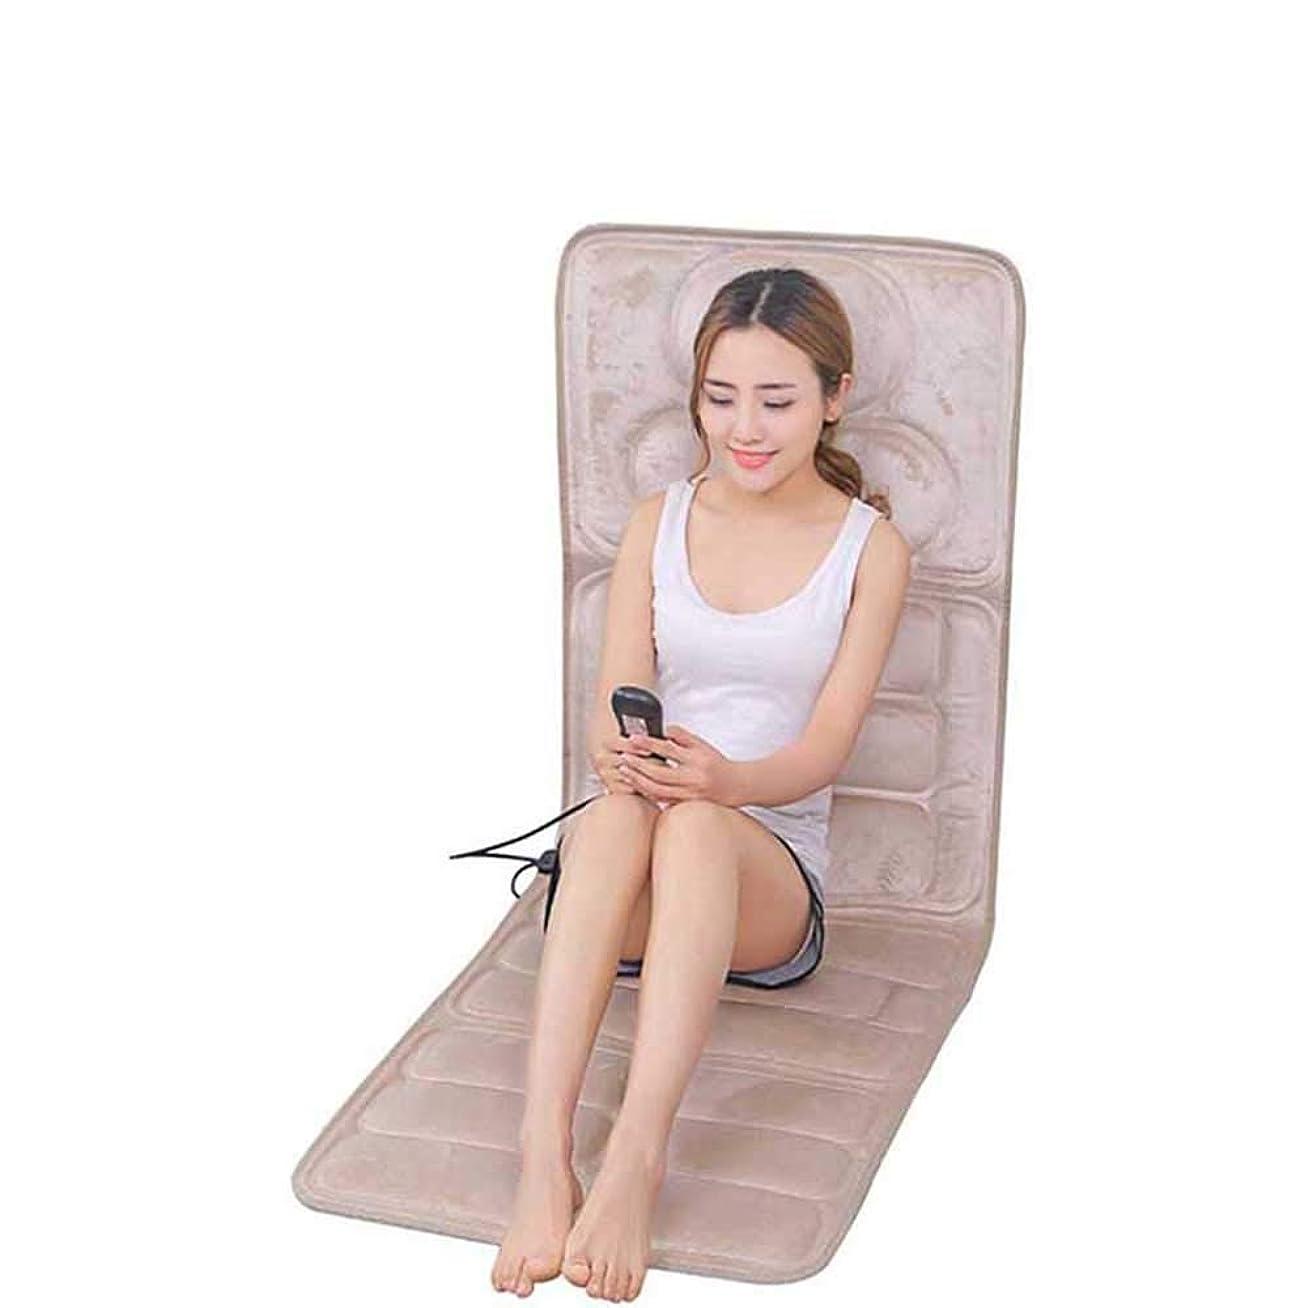 展示会サロンアルバム子宮頸カイロプラクターネック/ウエスト/ショルダー/バック電気マッサージパッド家庭用マットレス椅子のクッション